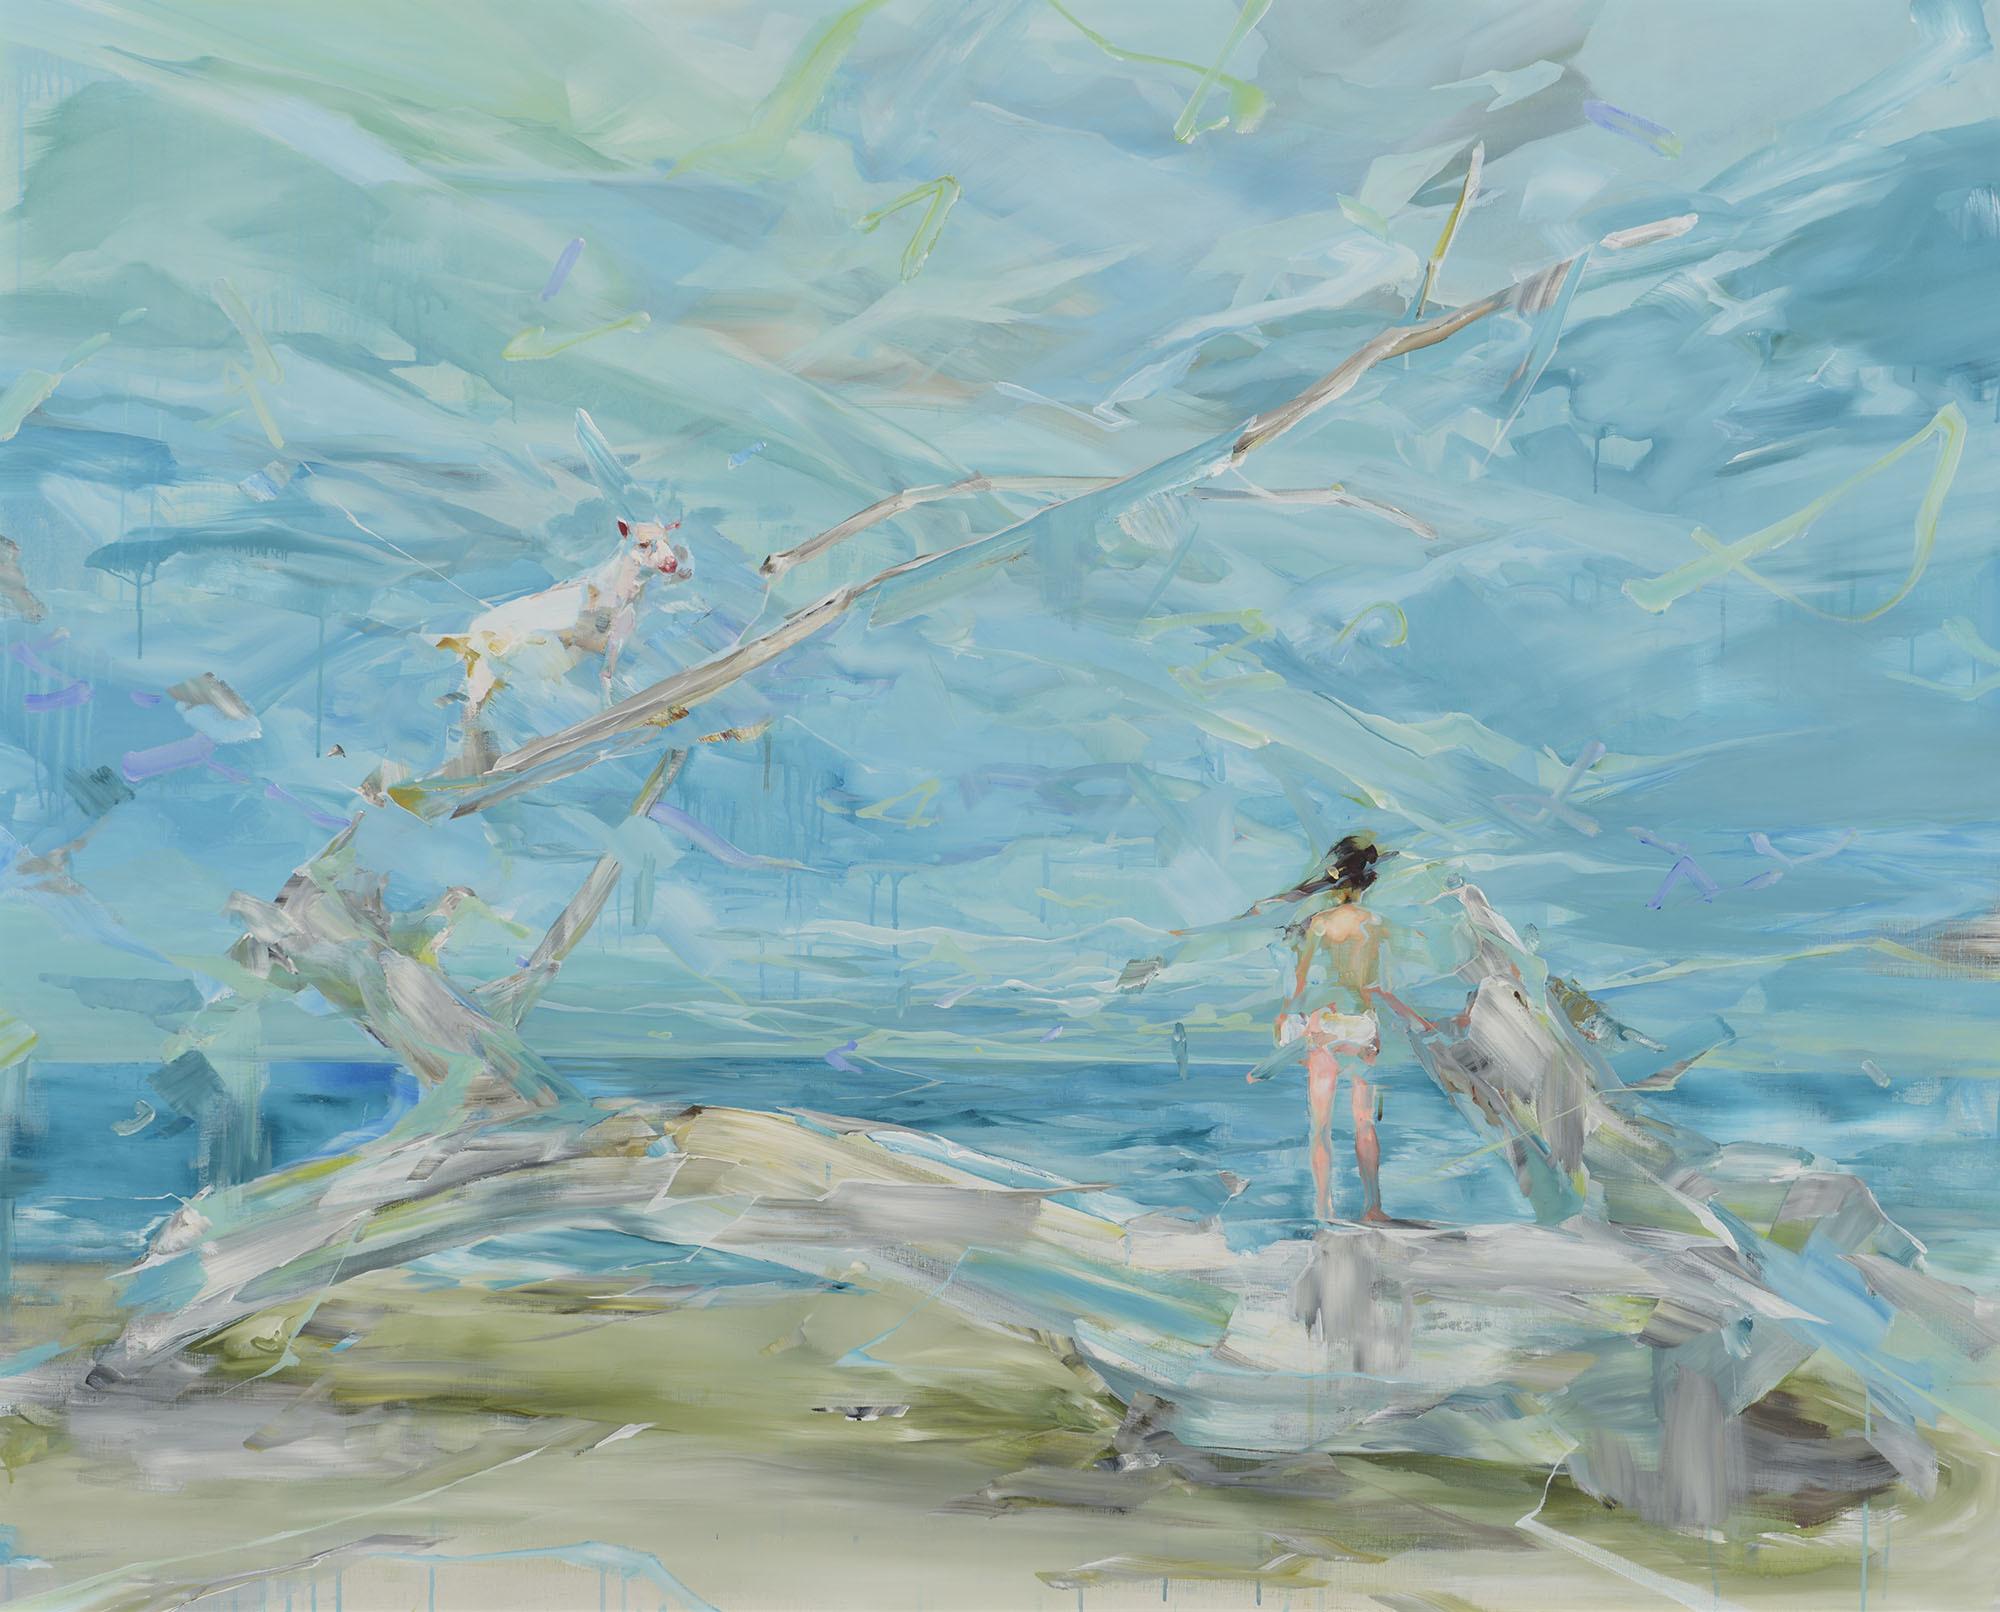 新 直子(しん なおこ) 《drift》2016 年 アクリル・キャンバス 134.9×166.5 ㎝ 1988 年生まれ (審査員:堀元彰)